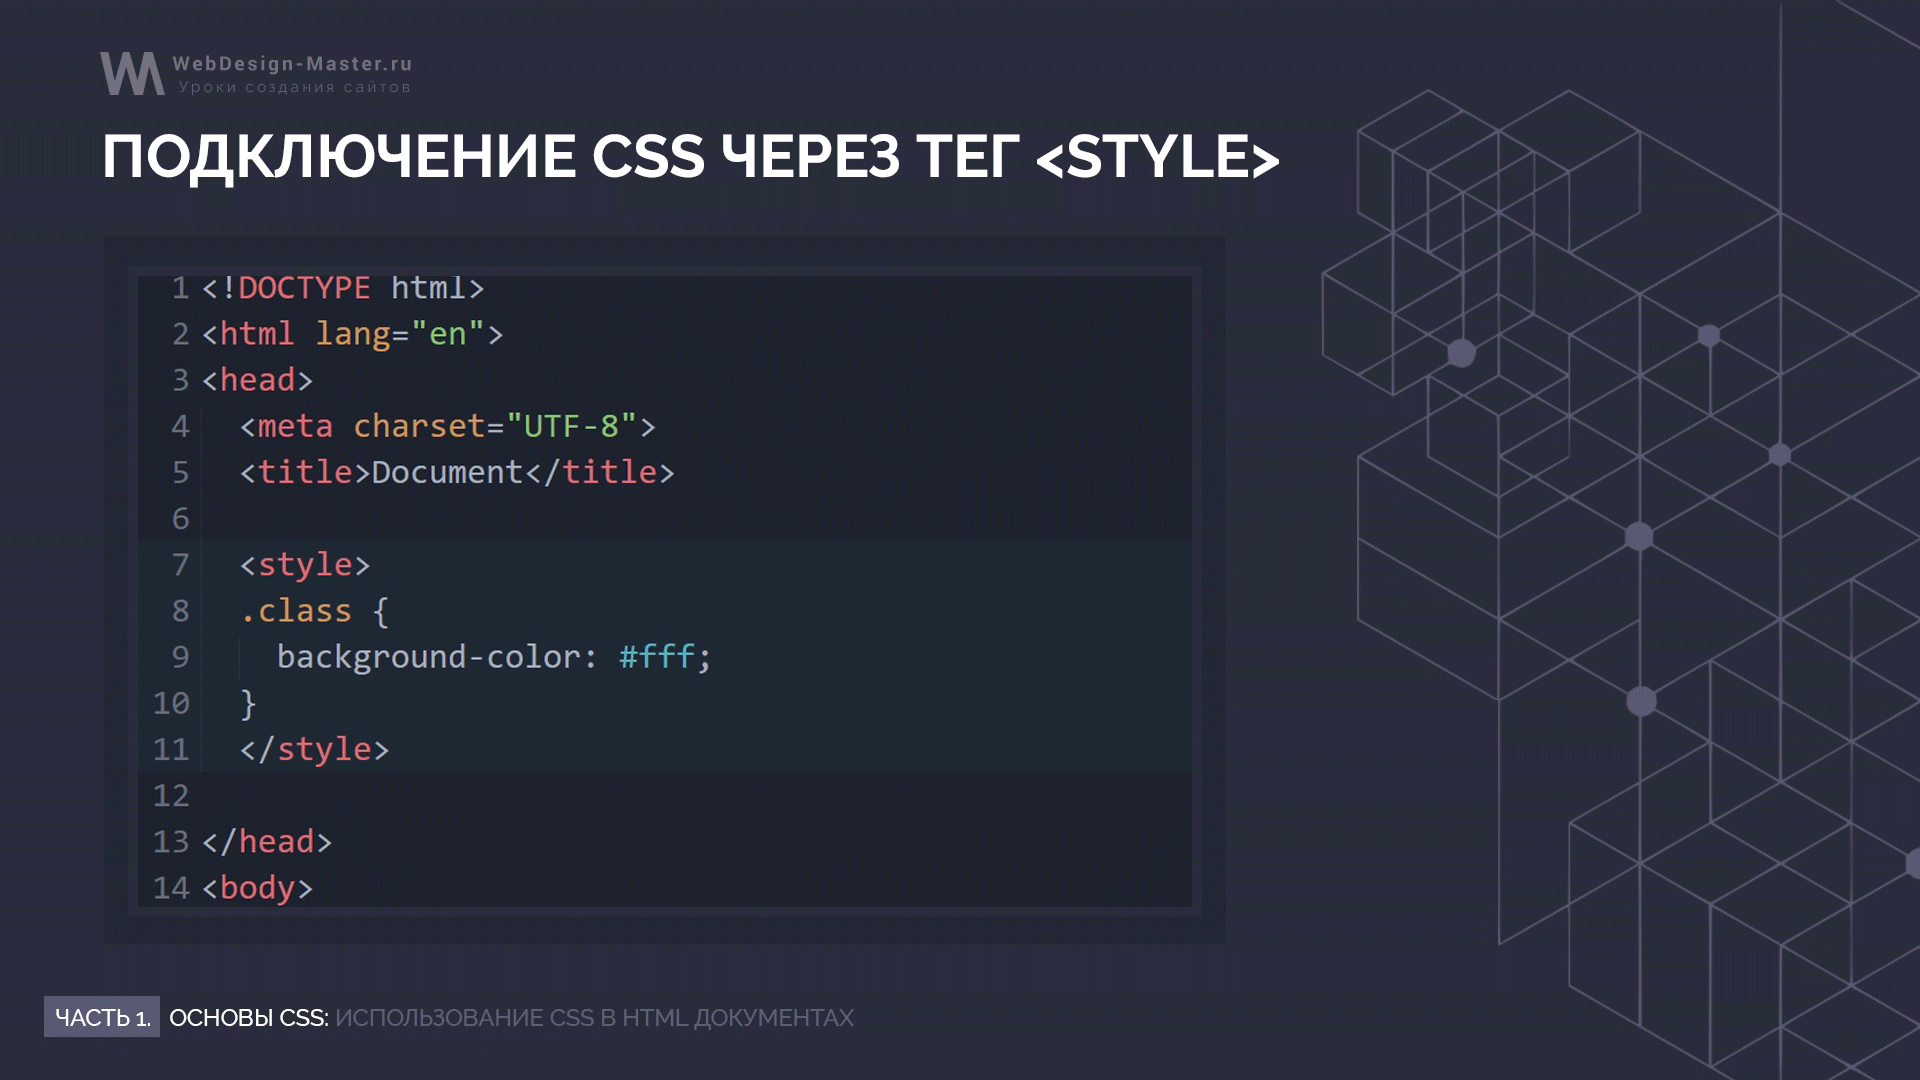 Подключение CSS через тег style